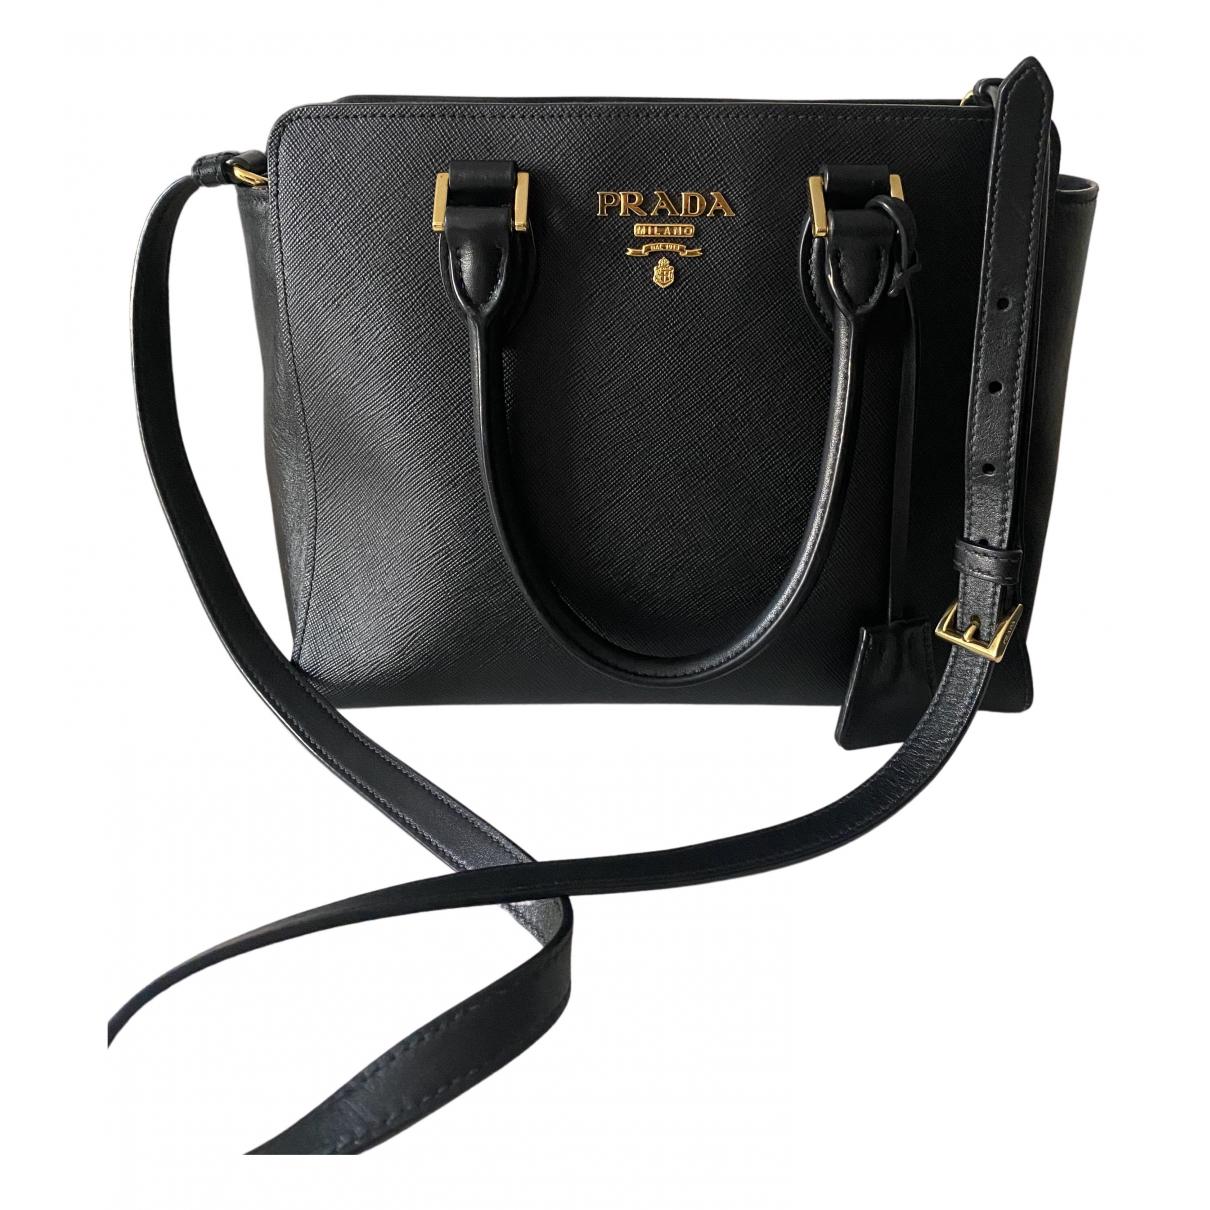 Prada - Sac a main Galleria pour femme en cuir - noir